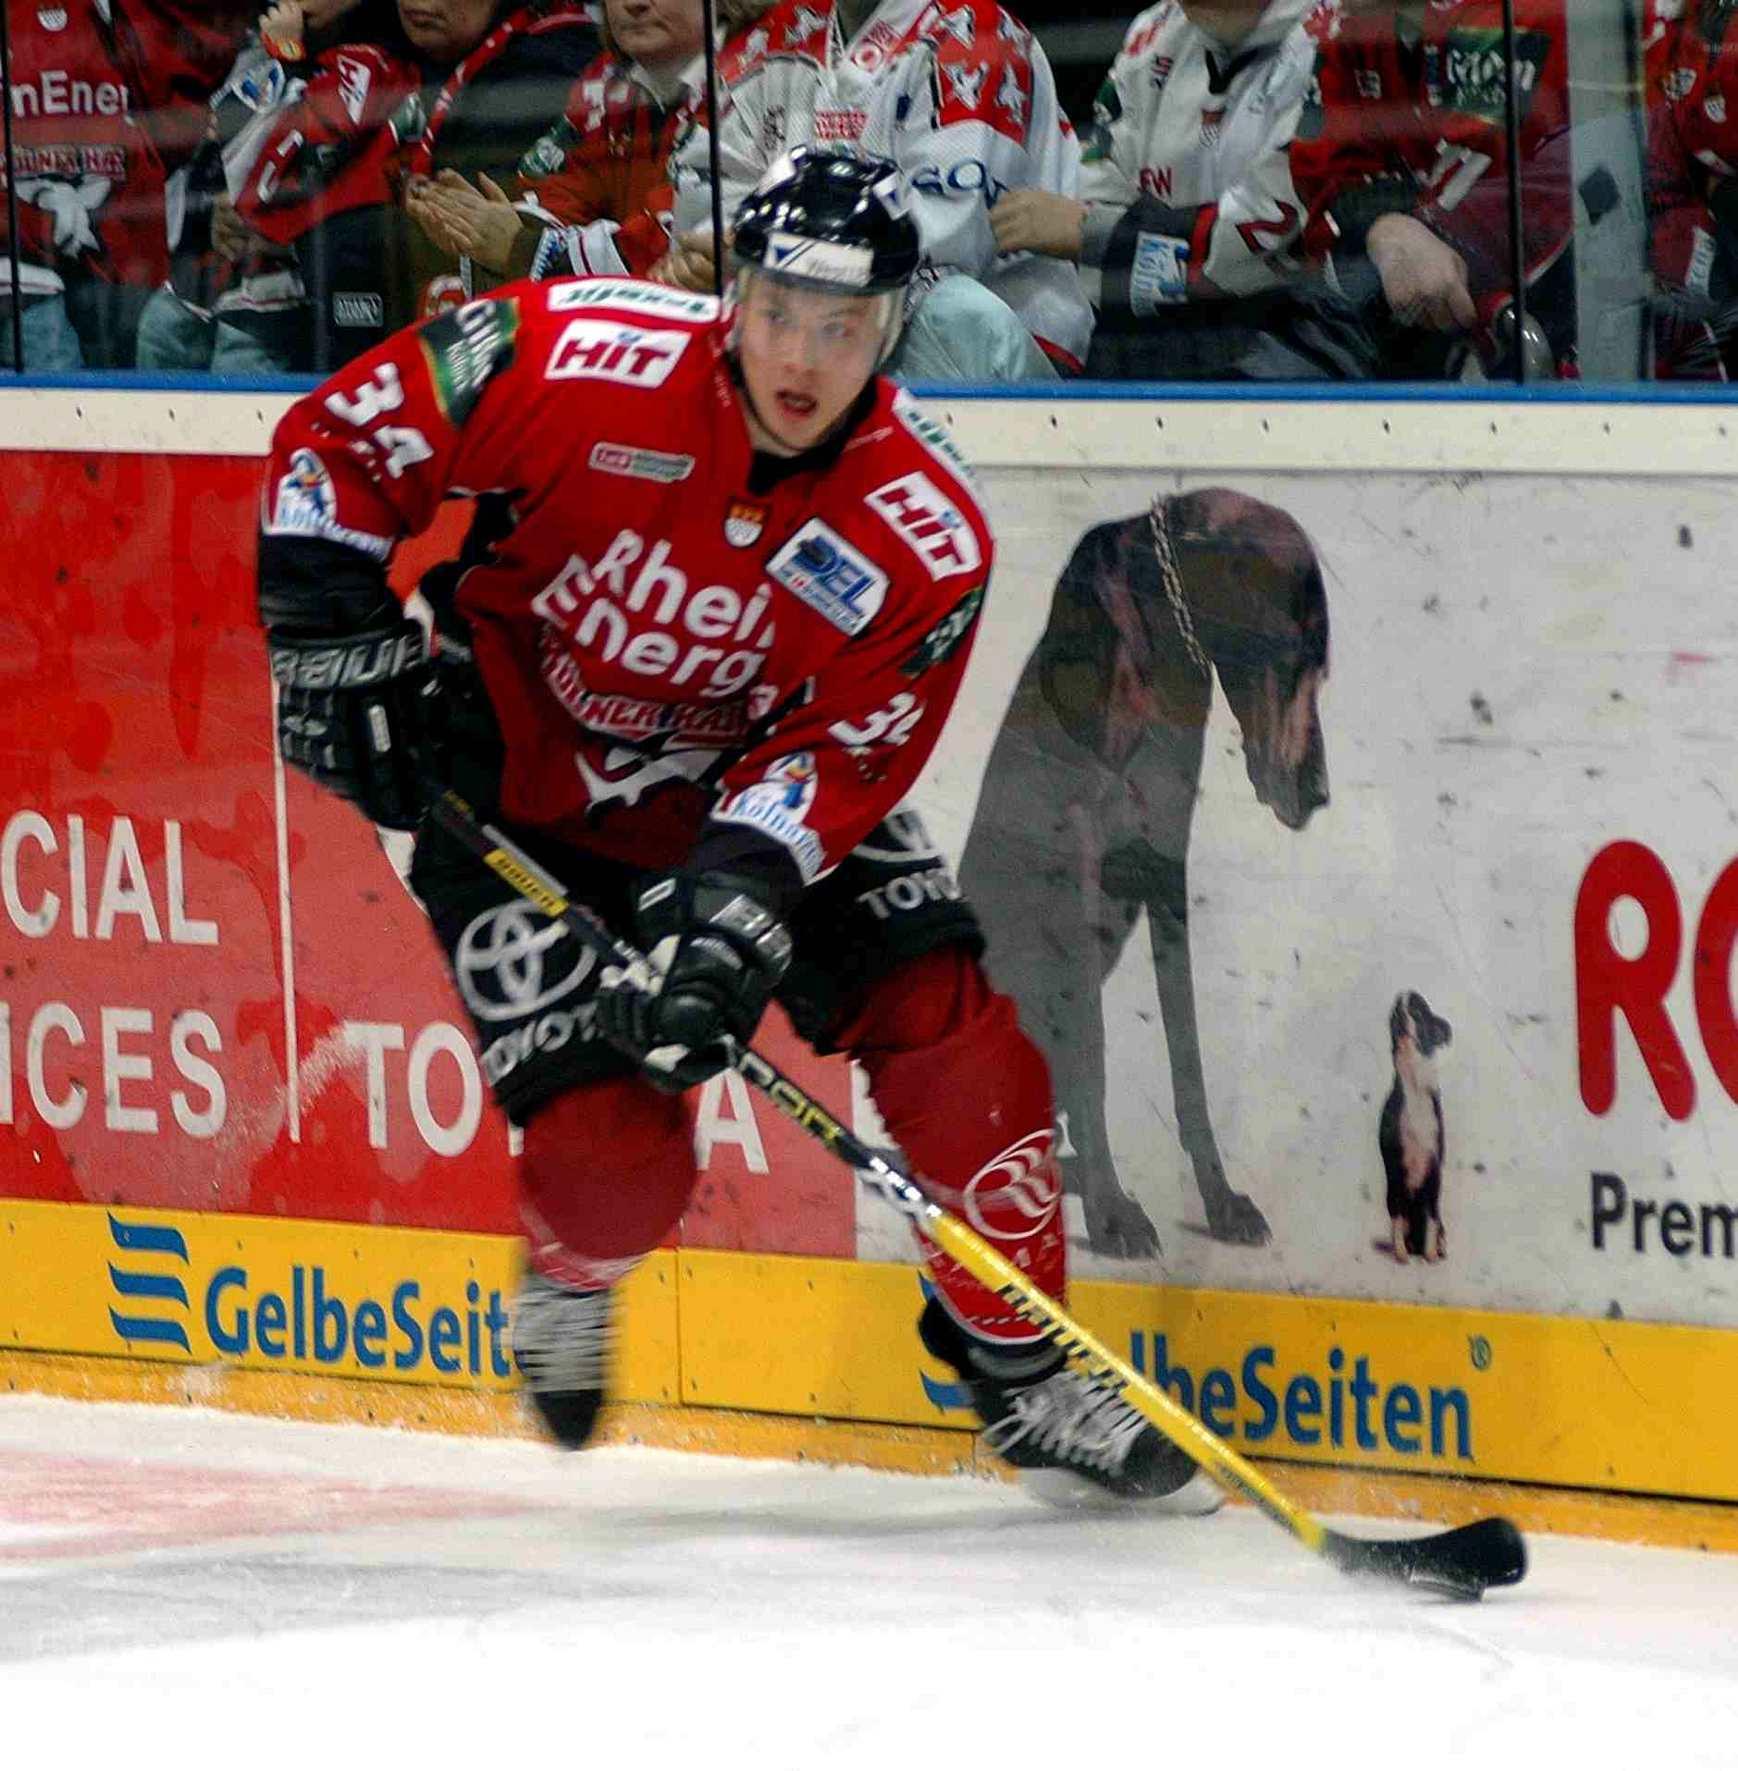 Eduard Lewandowski